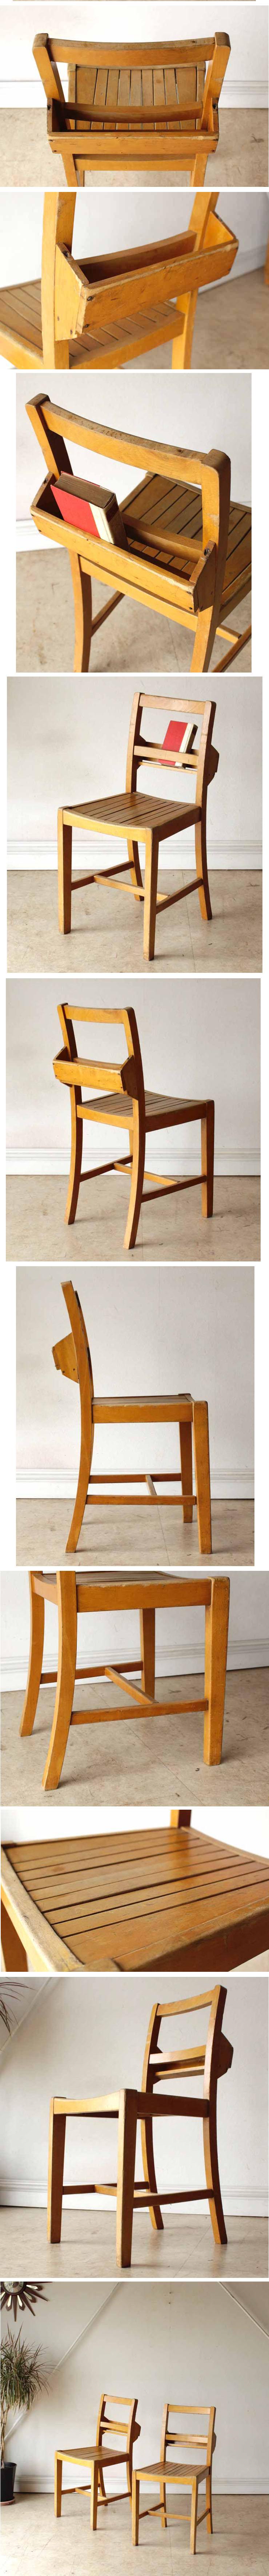 イギリス・チャーチチェア・椅子・無垢・アンティーク・ビンテージ・年代物